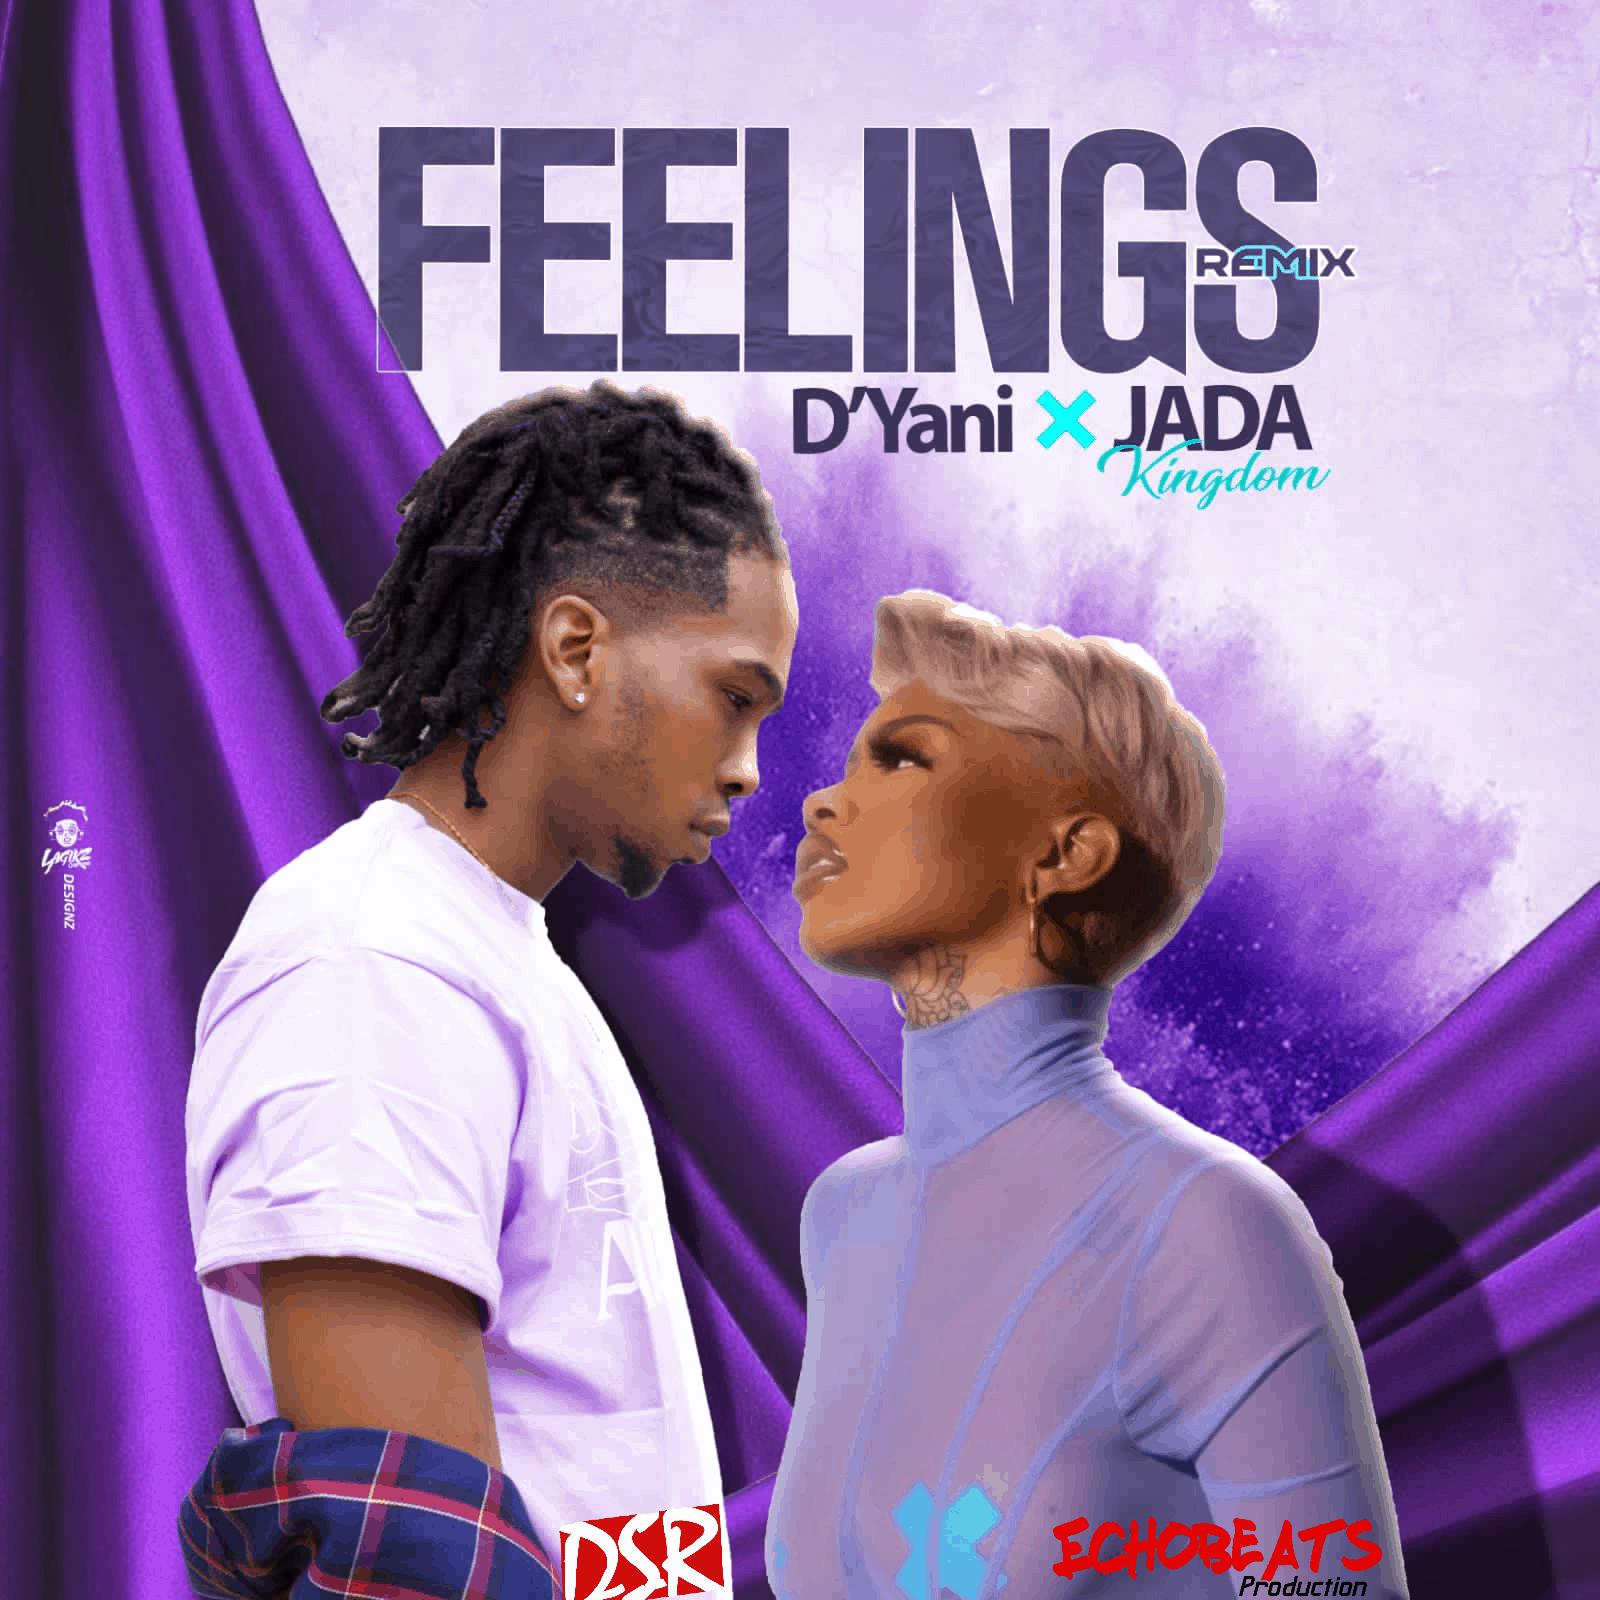 Dyani feat. Jada Kingdom - Feelings (Remix)